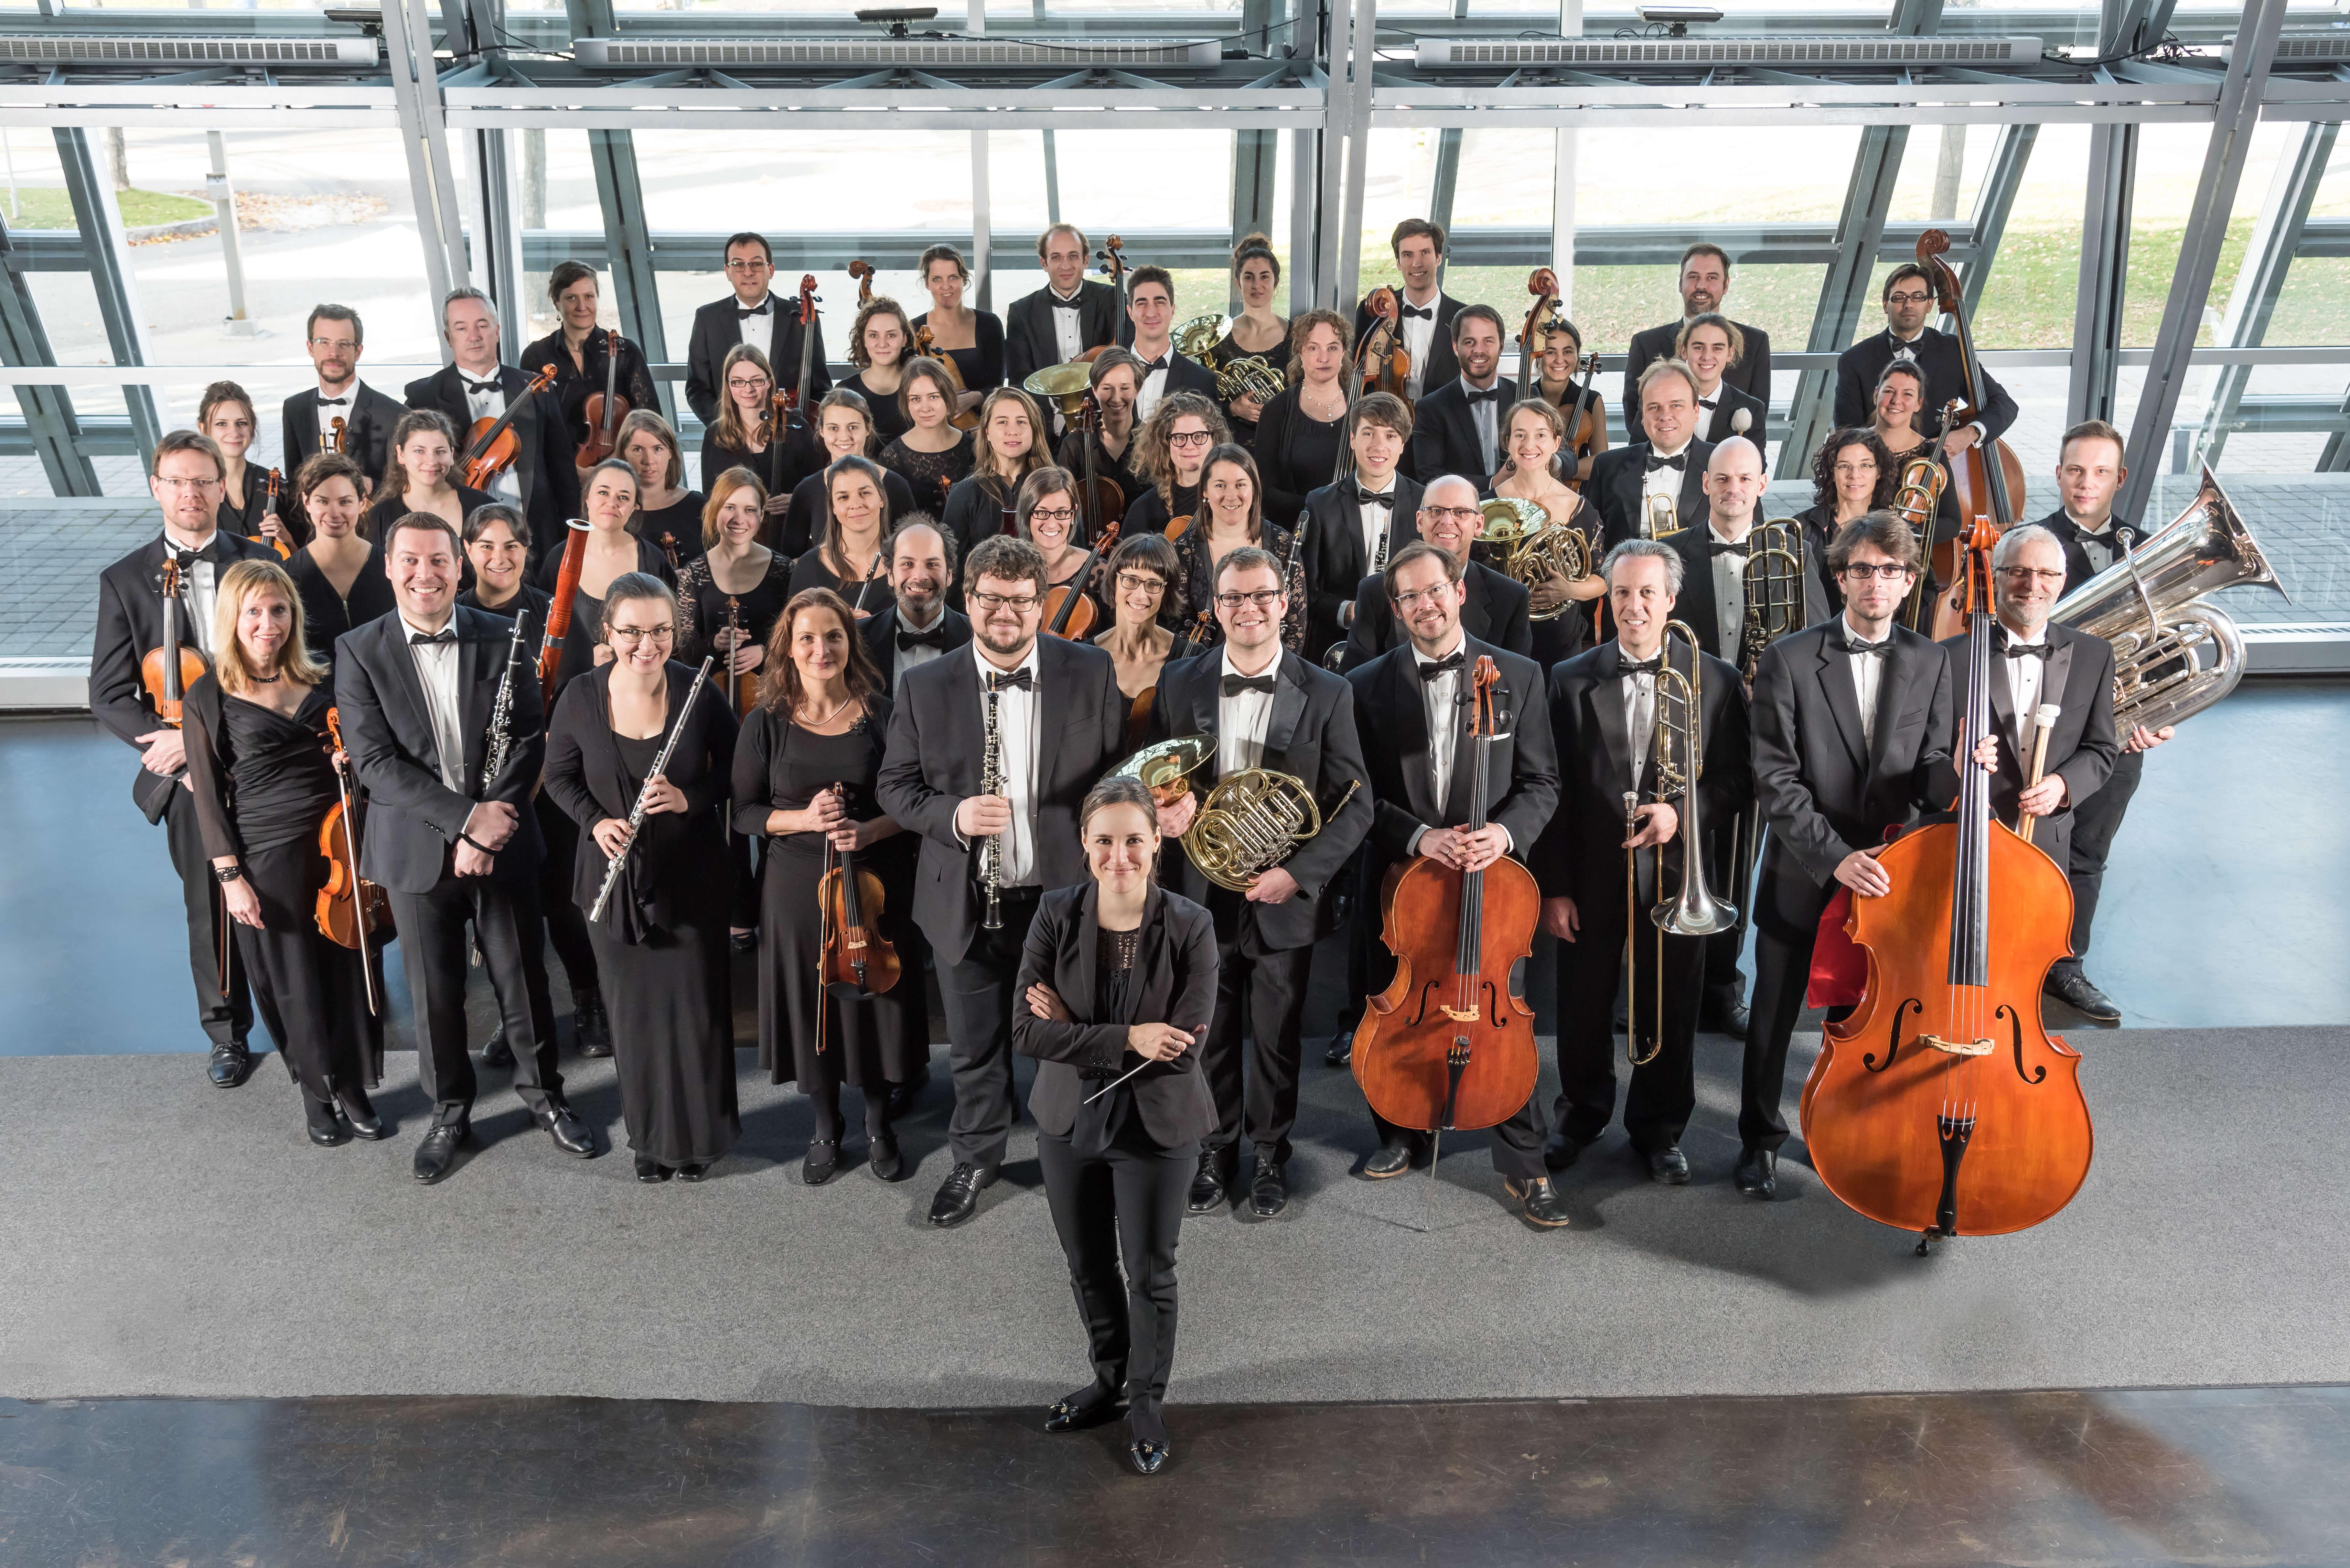 Orchestre symphonique de l,Estuaire rimouski